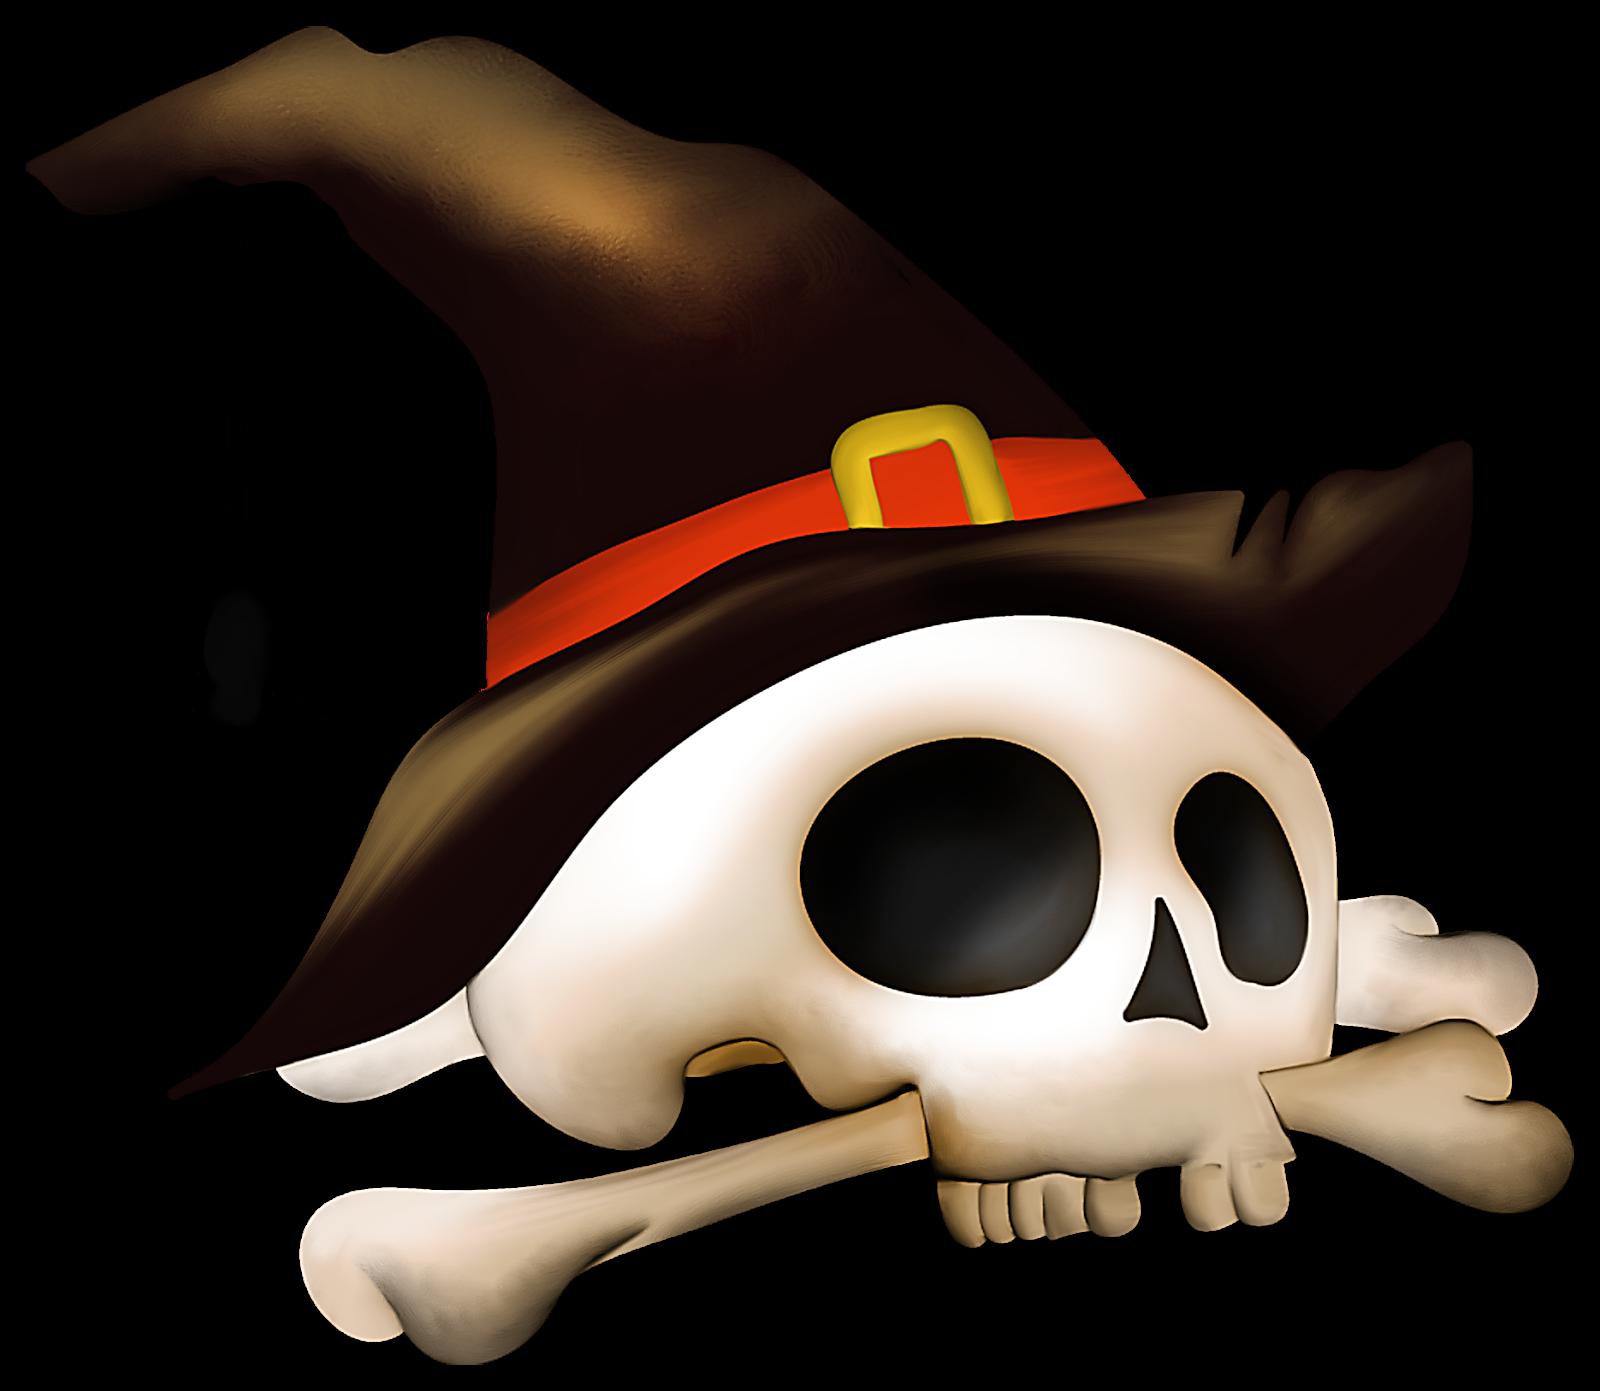 Halloween skull png #26476.